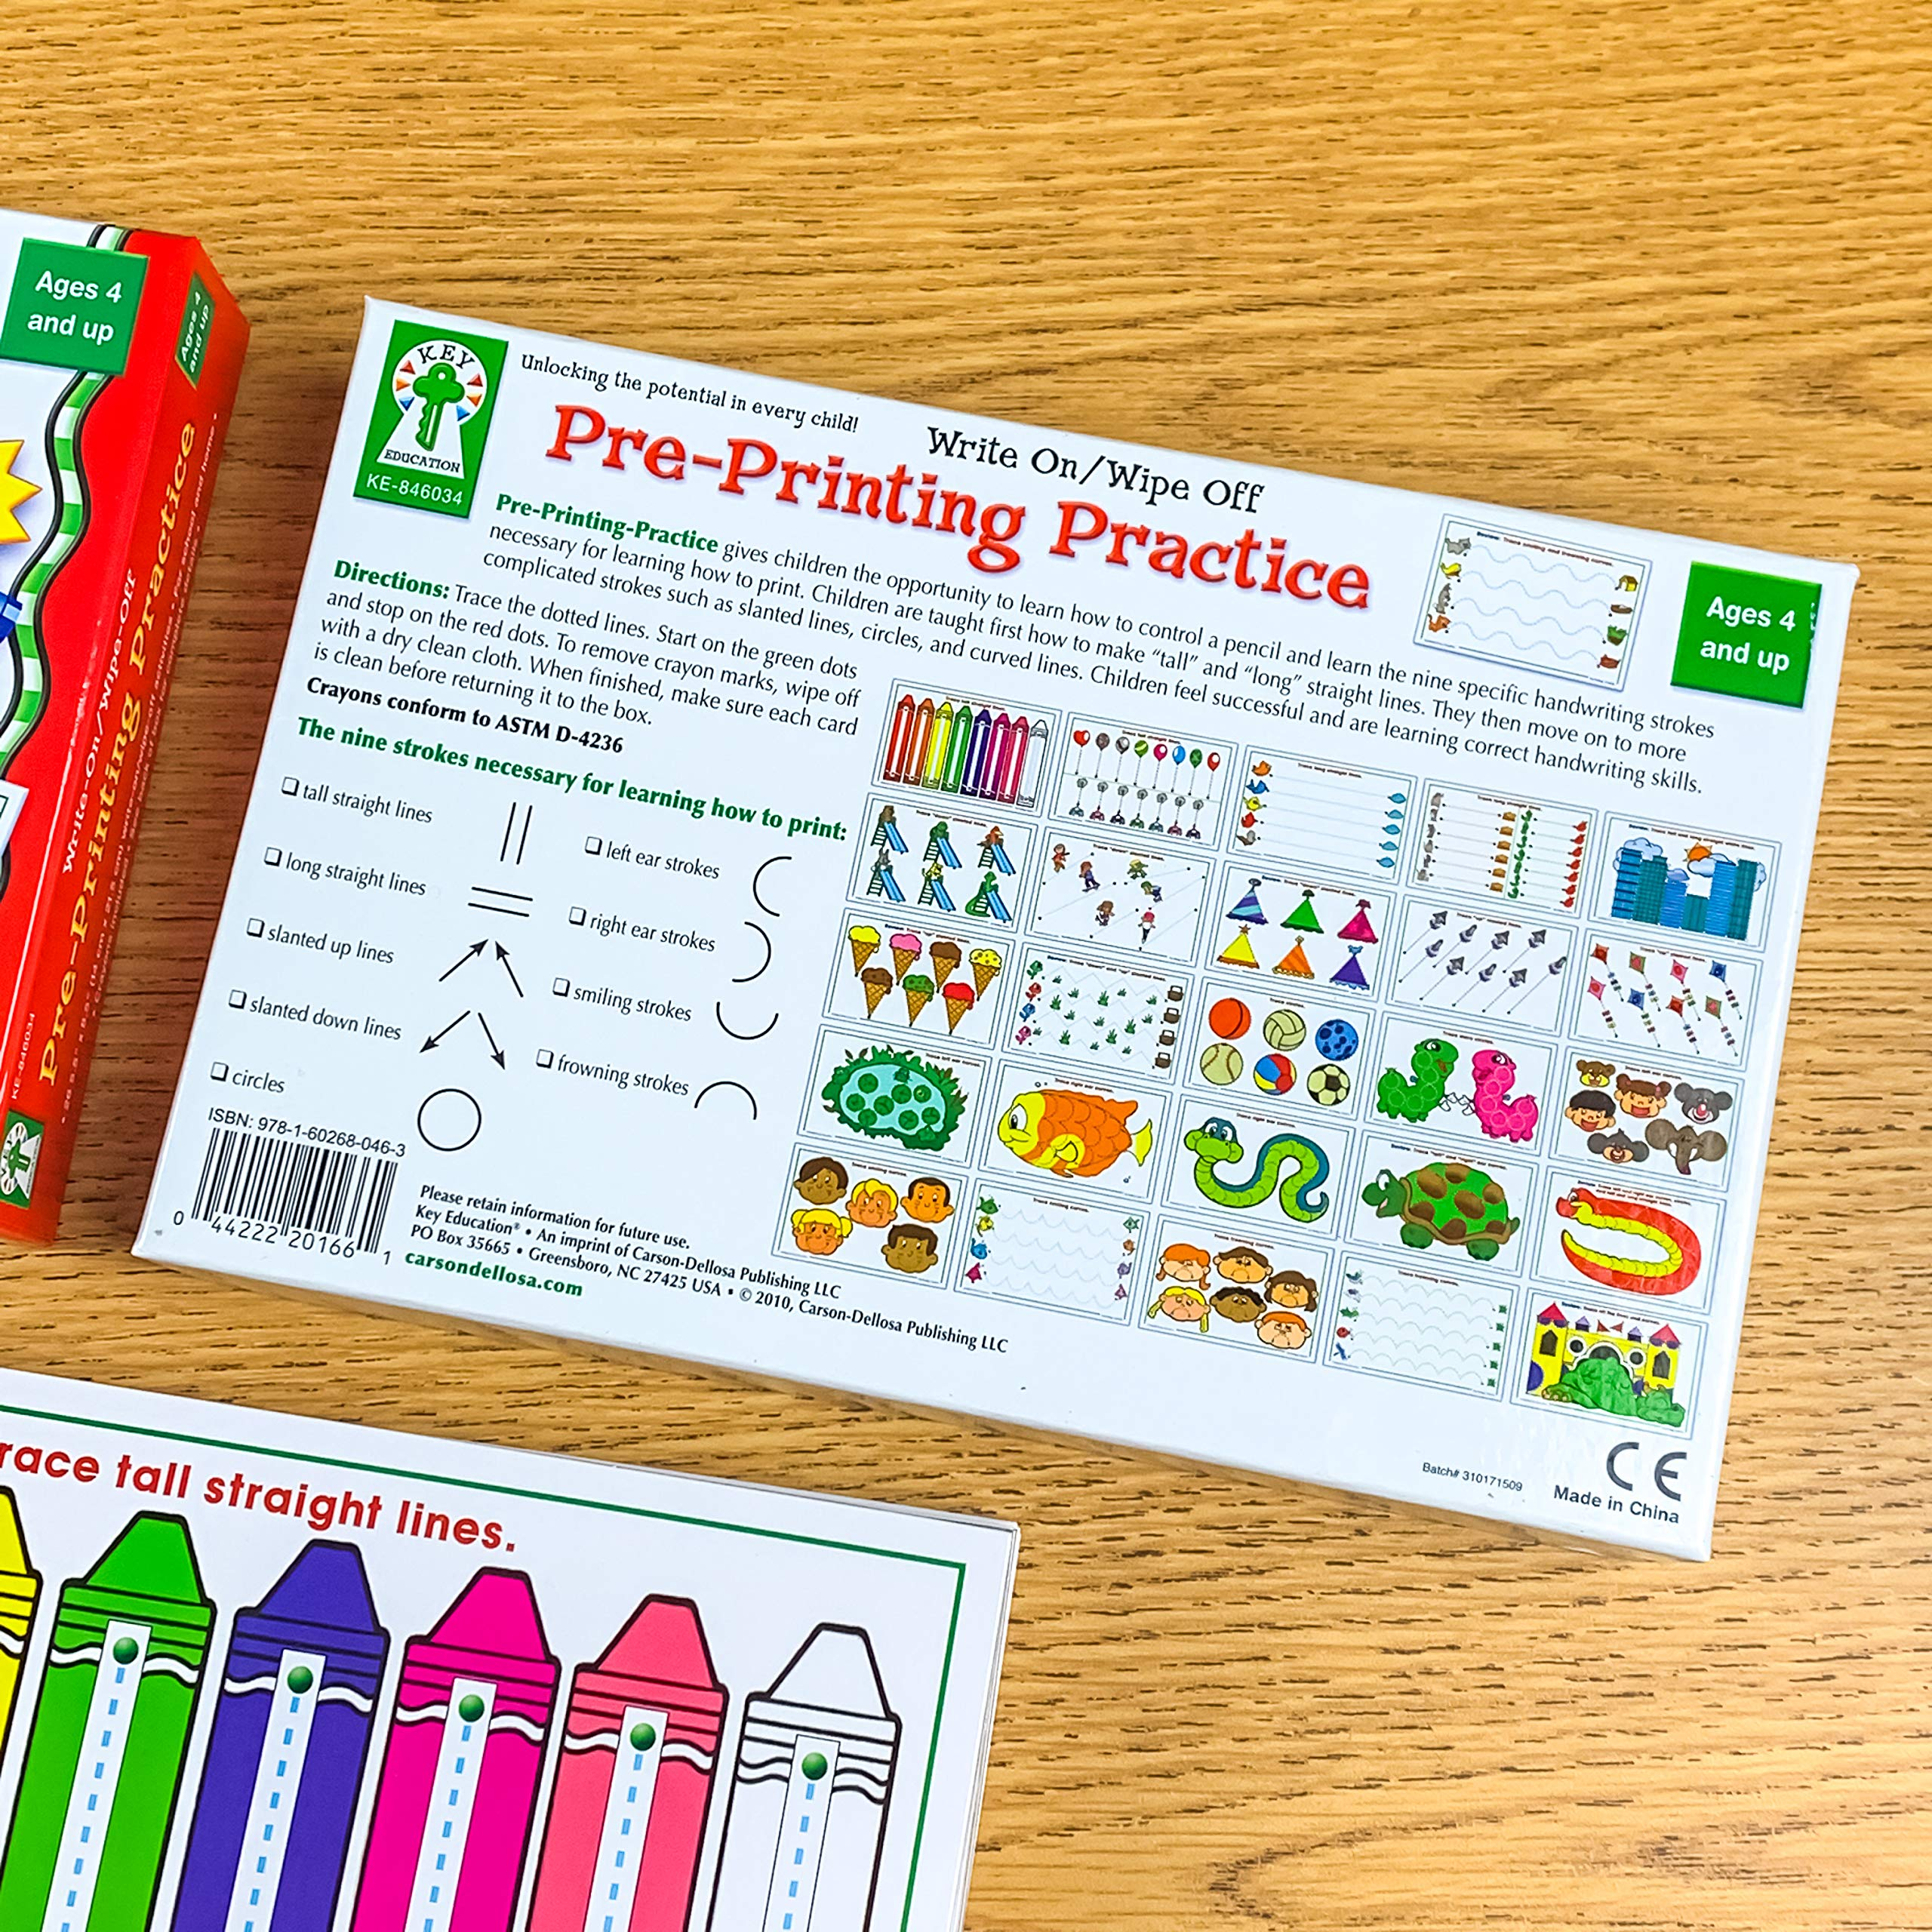 Carson-Dellosa Key Education Pre-Printing Practice Write On/ Wipe Off (846034) 26 Activities by Carson-Dellosa